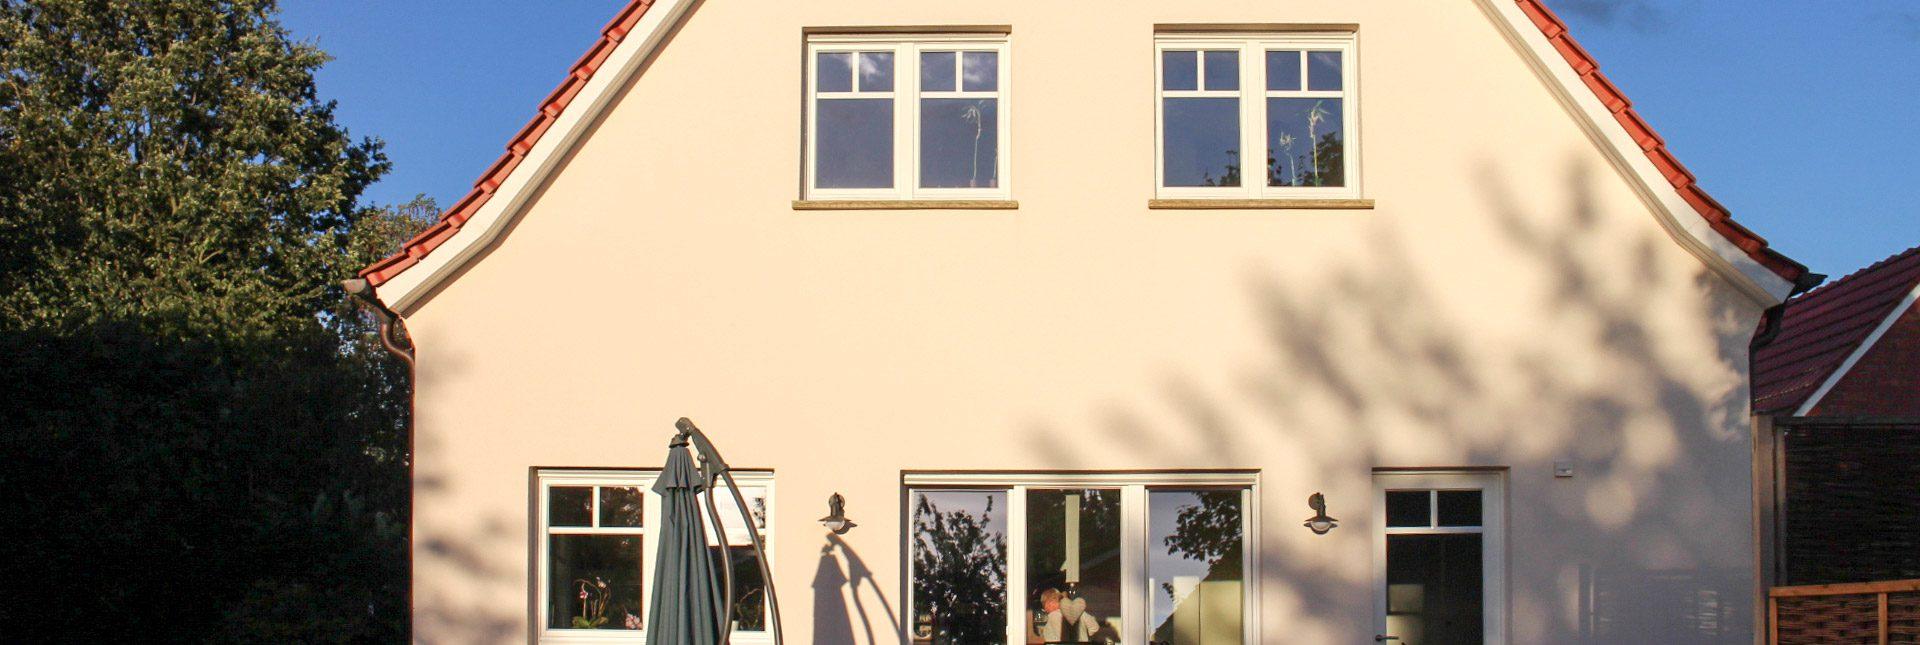 Die komplett renovierte Fassade kombiniert einen Gelbton mit weißen Dachüberständen und roten Ziegeln